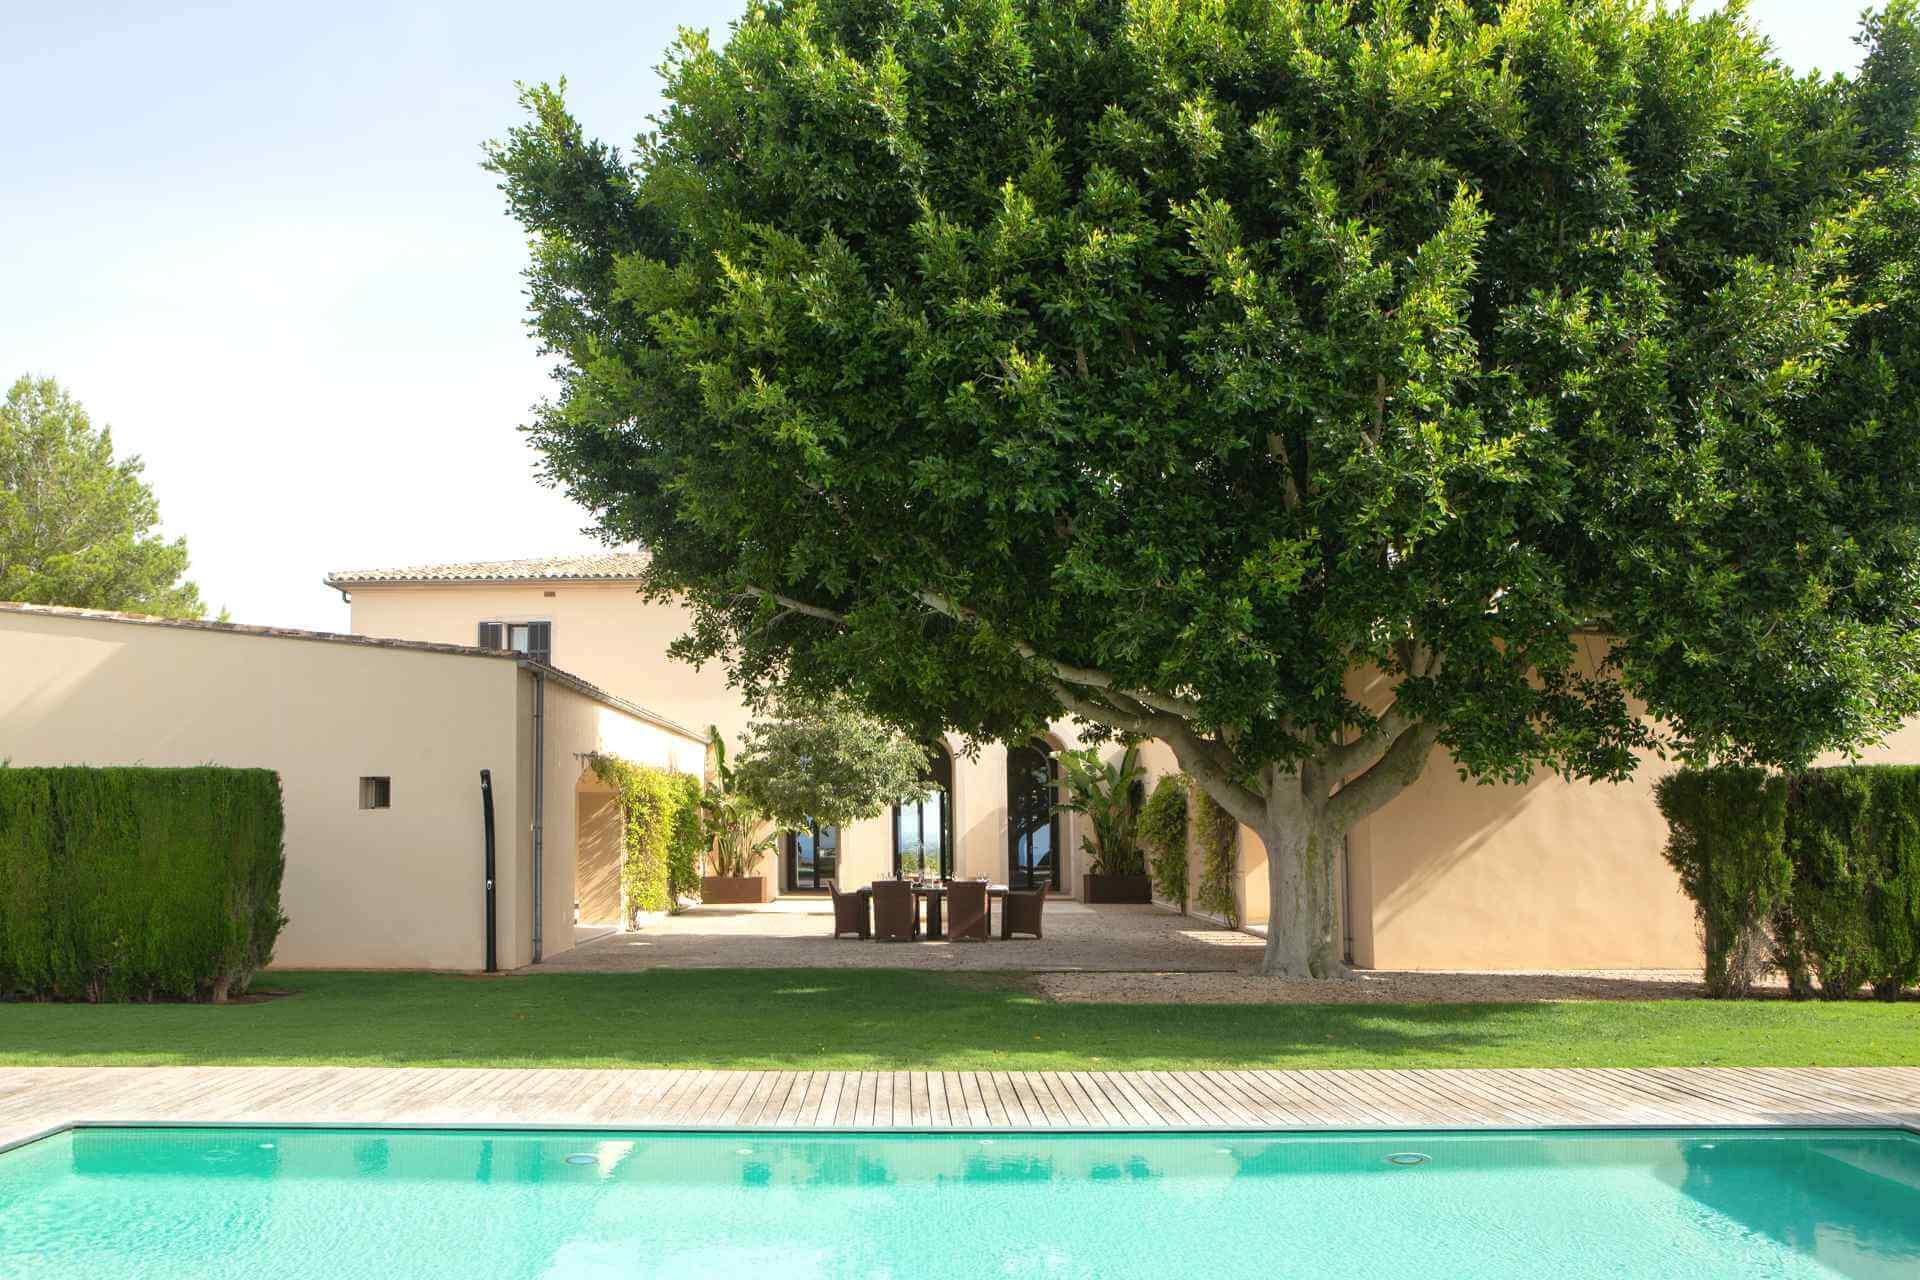 01-07 Exklusive Villa Mallorca Süden Bild 4